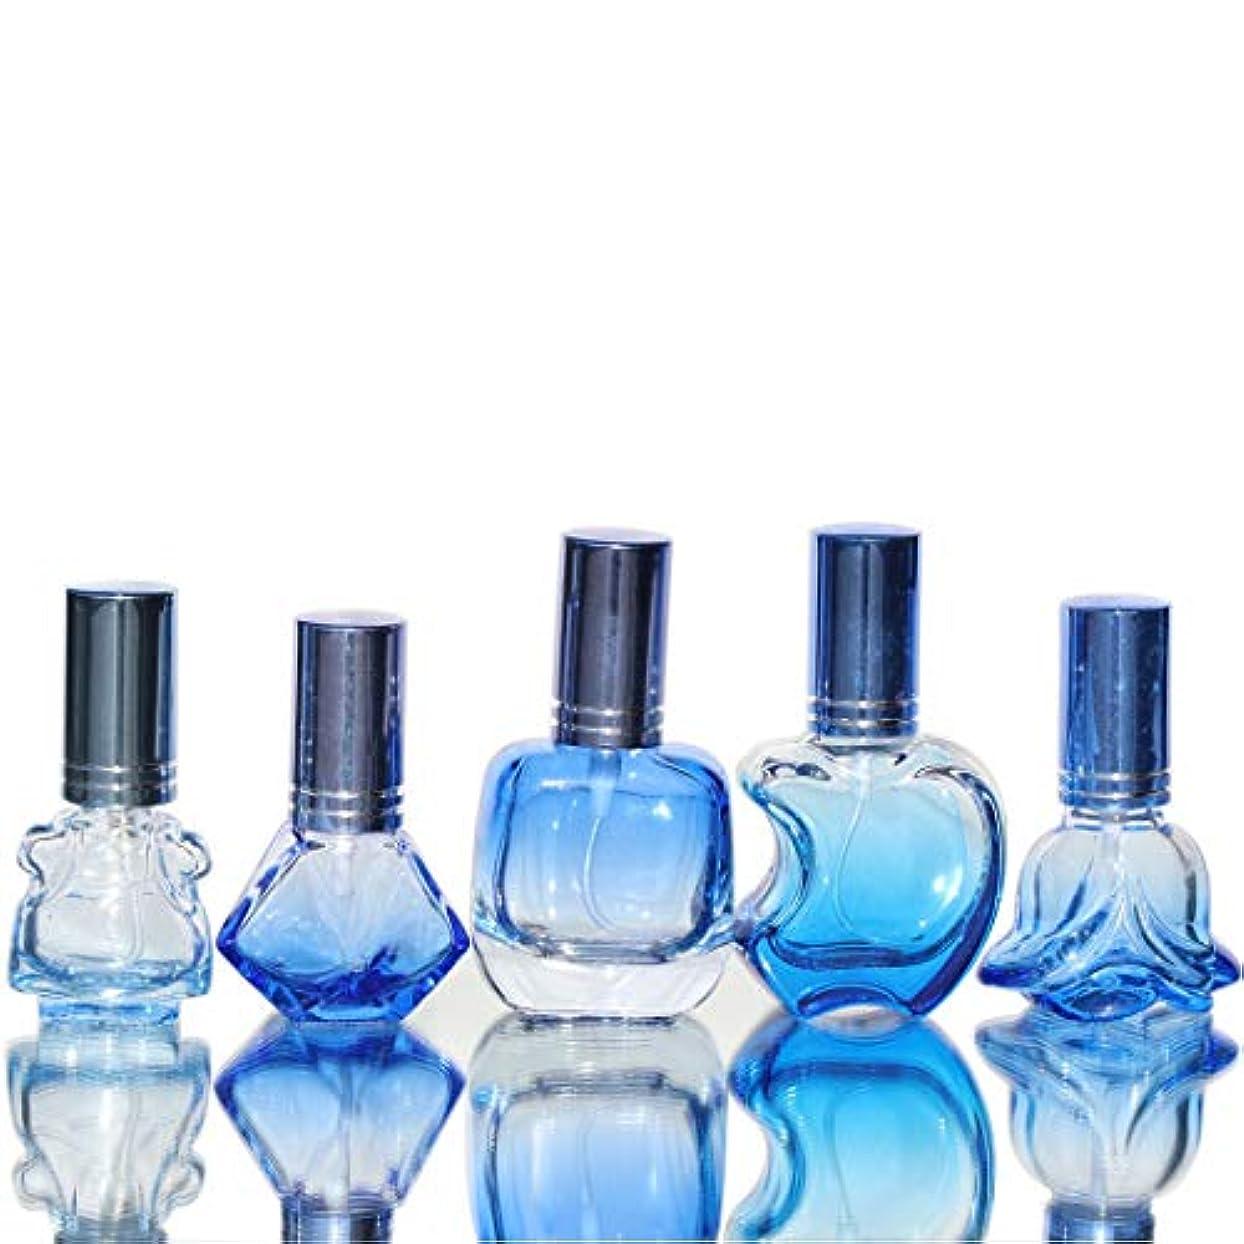 スクランブル叙情的なスラム街Waltz&F カラフル ガラス製香水瓶 フレグランスボトル 詰替用瓶 空き アトマイザー 分け瓶 旅行用品 化粧水用瓶